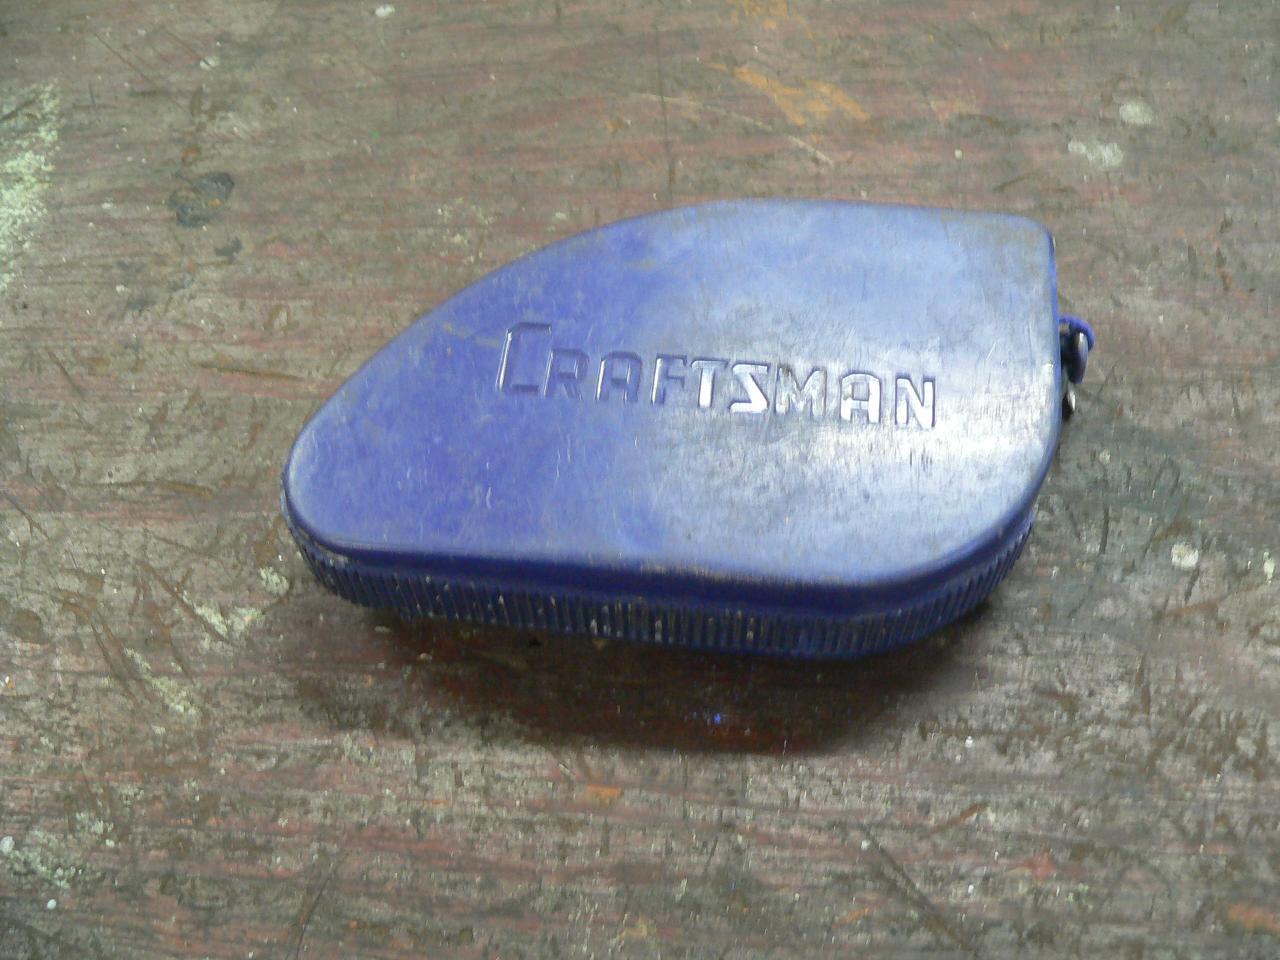 Corde a tracer bleu # 4807.51